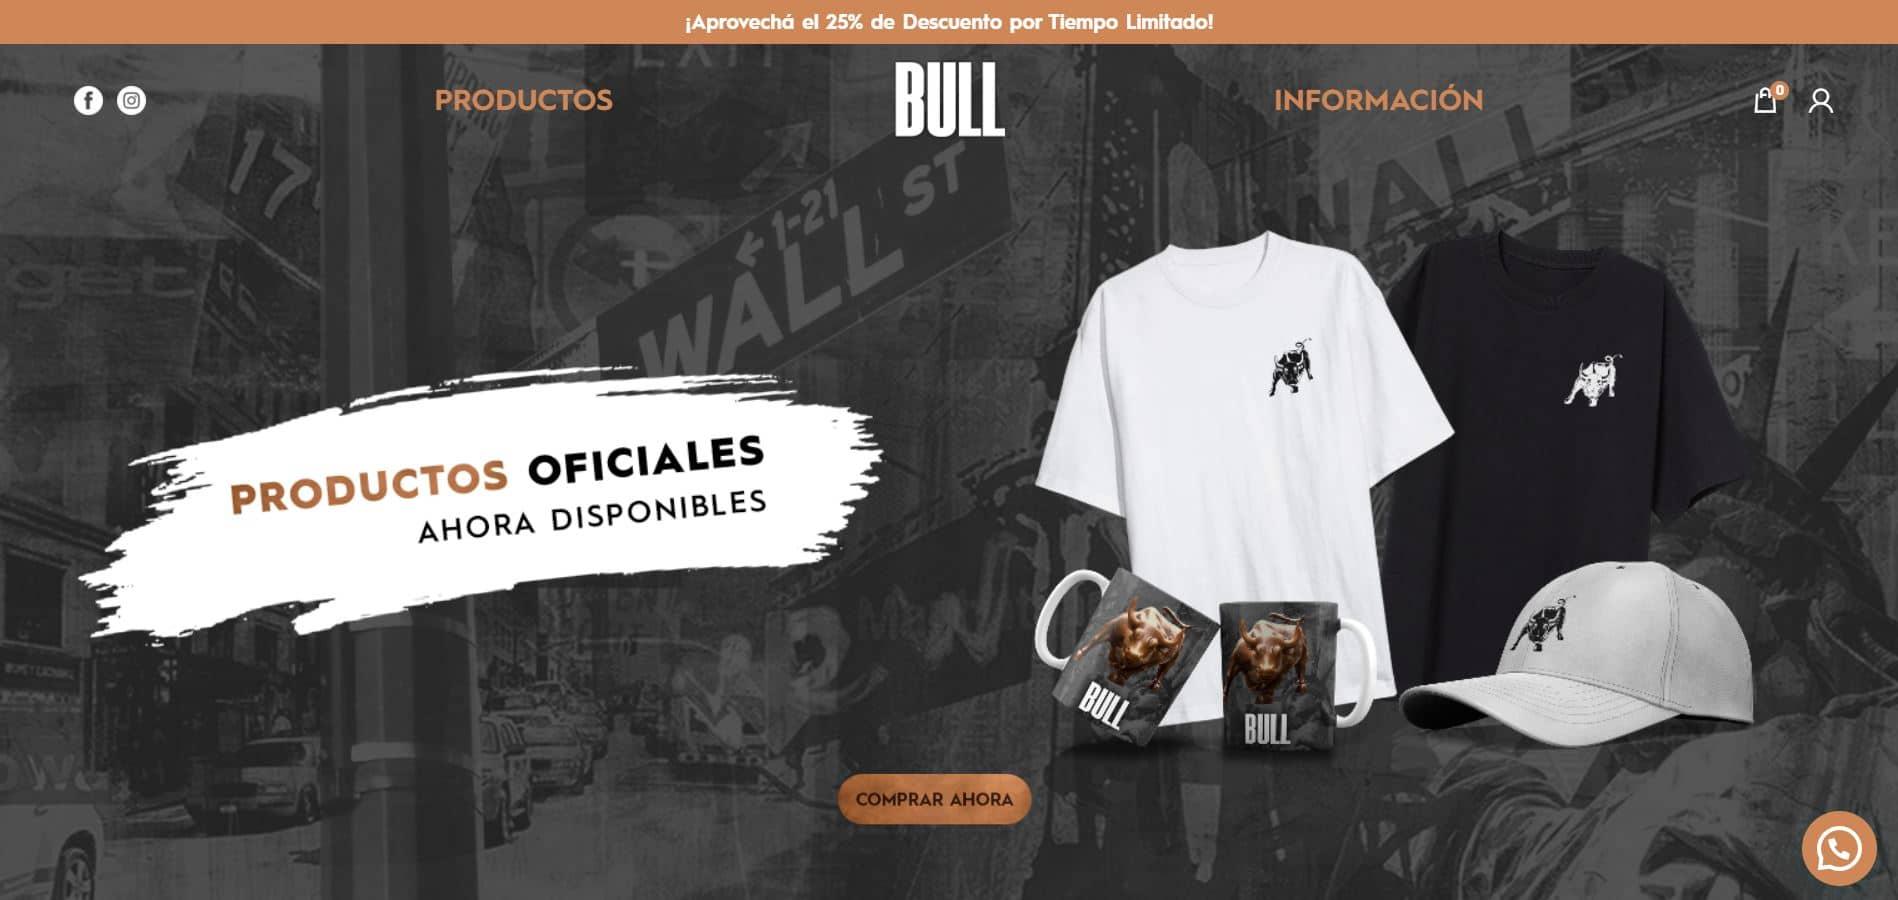 bull-desktop-1.jpg